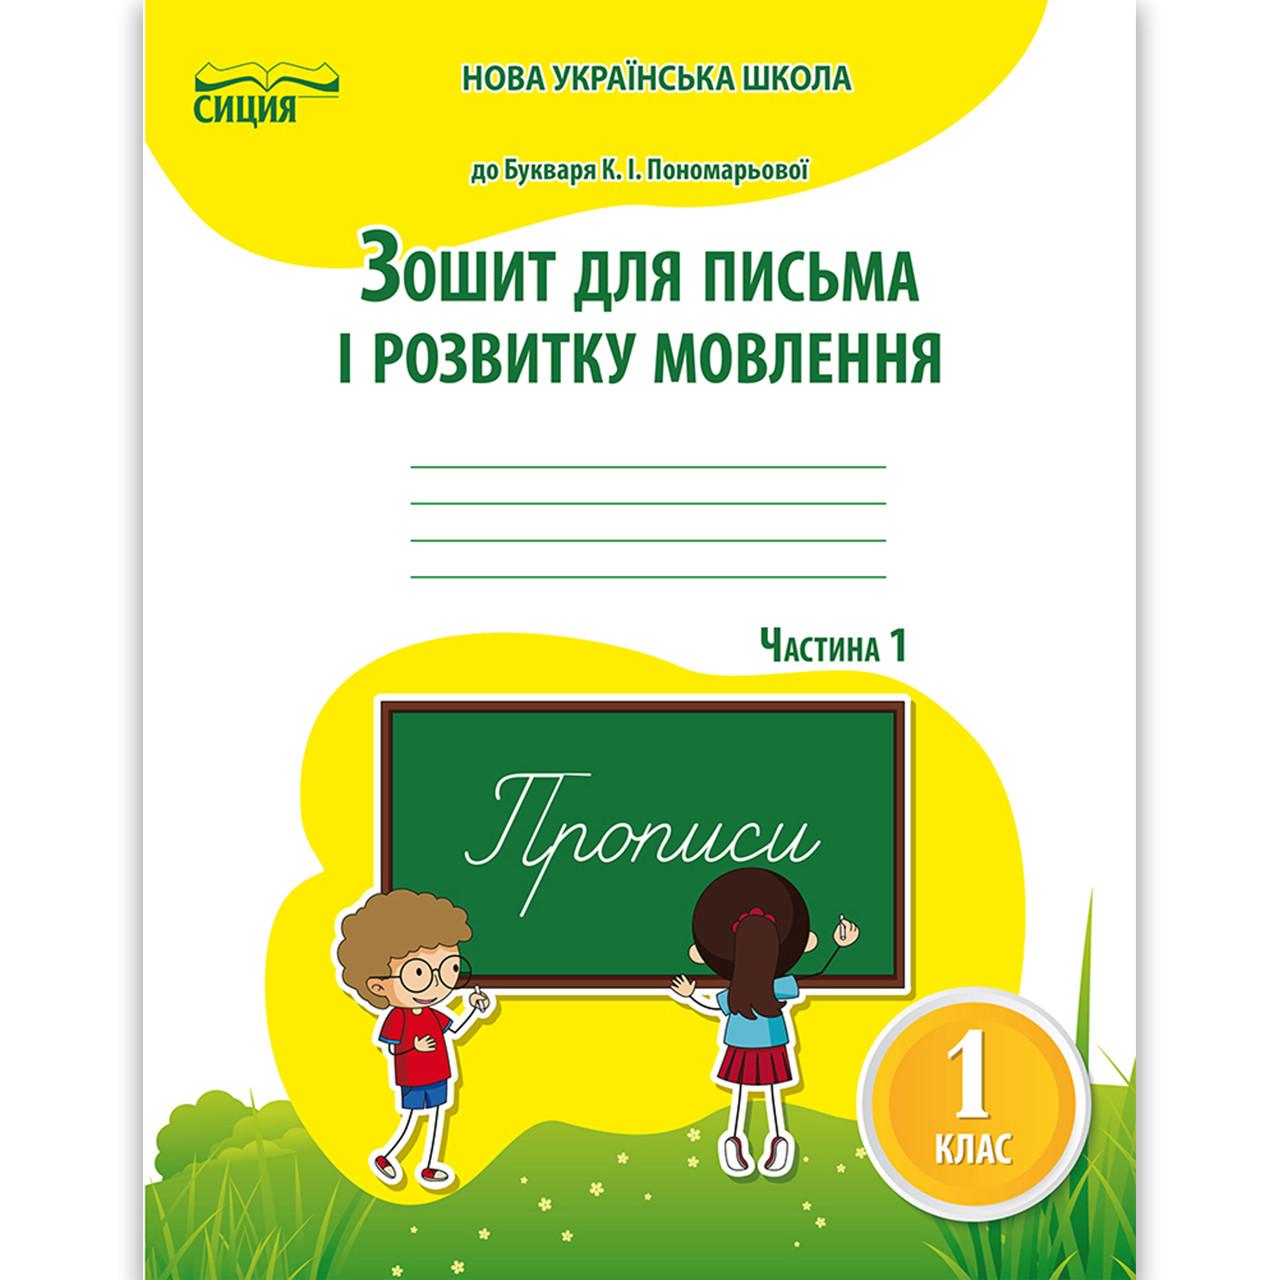 Зошит для письма і розвитку мовлення 1 клас Частина 1 До букваря Пономарьової К. Авт: Паладій Л. Вид: Сиция